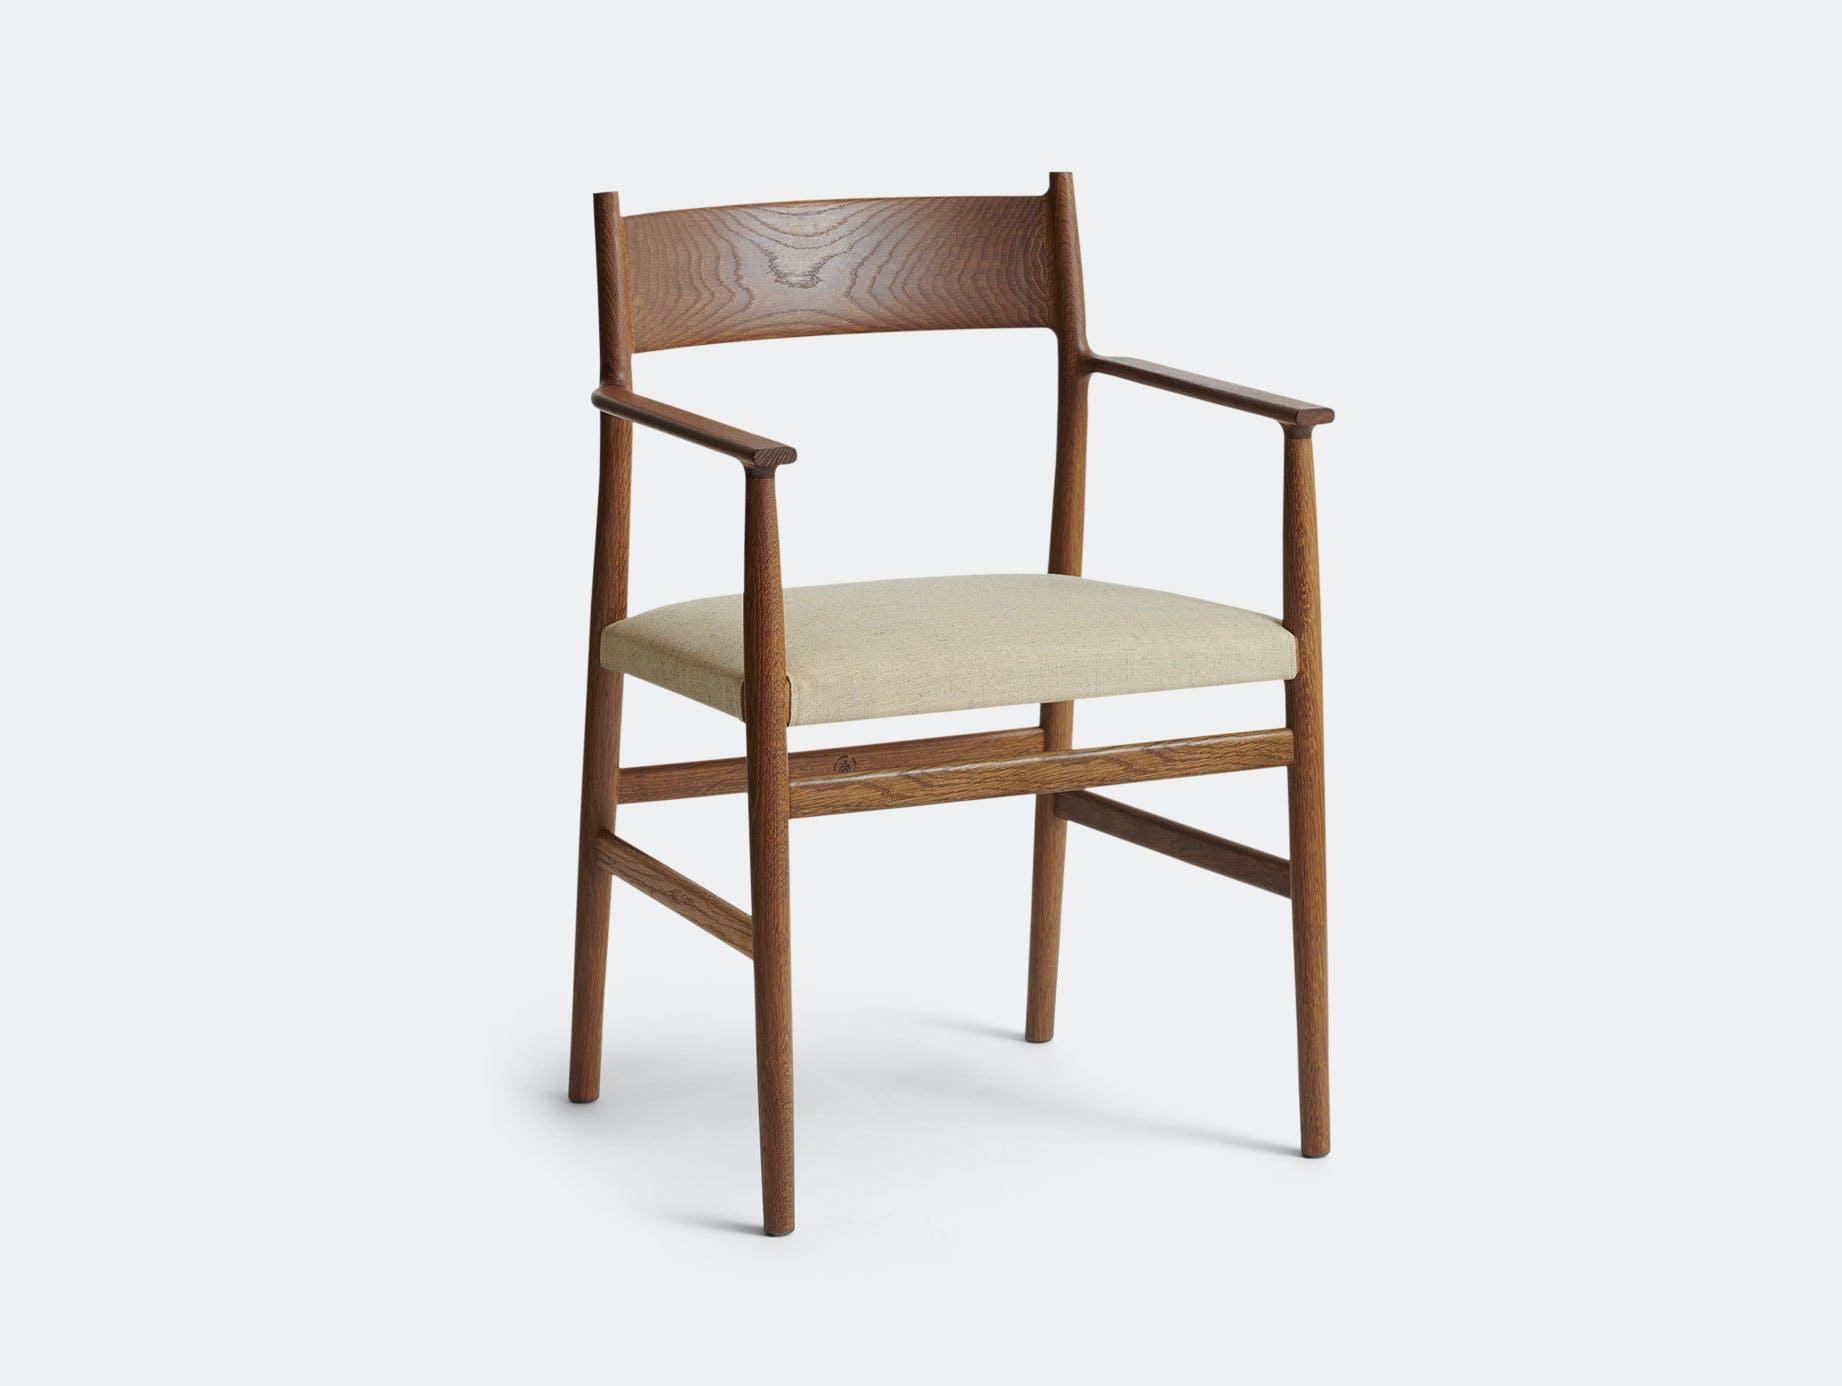 Brdr Kruger ARV Armchair Upholstered Fumed Oak Floyd Canvas Studio David Thulstrup